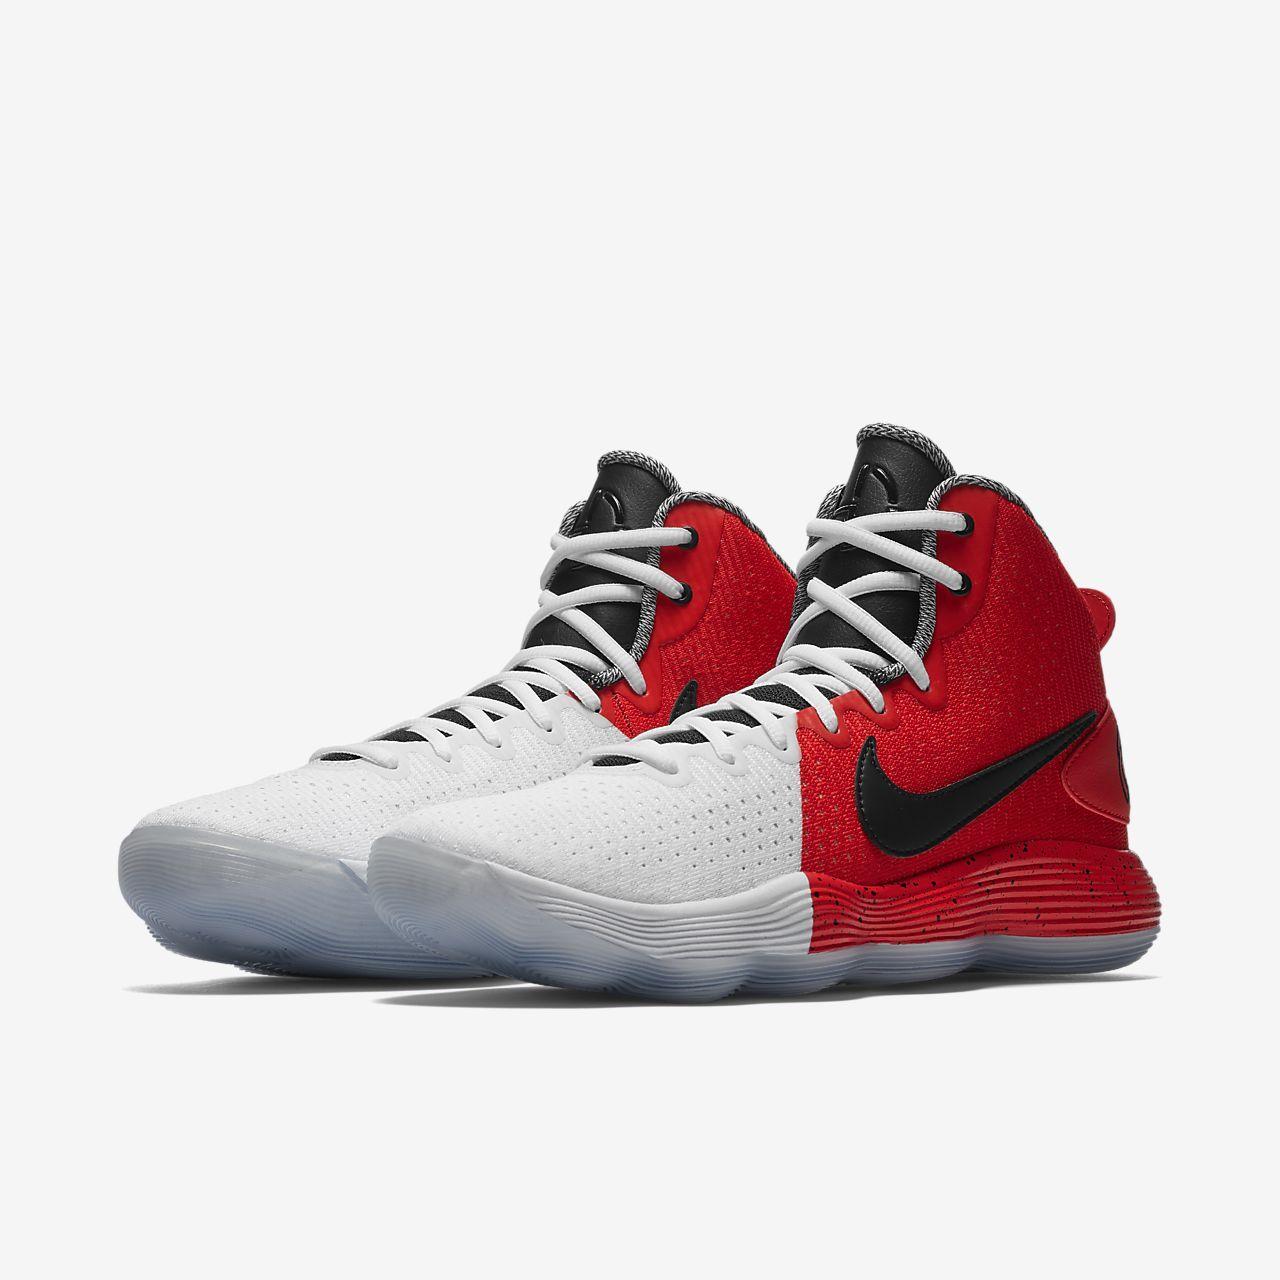 78e9ecb437a Nike Hyperdunk 2017 Elena Delle Donne Limited Basketball Shoe ...